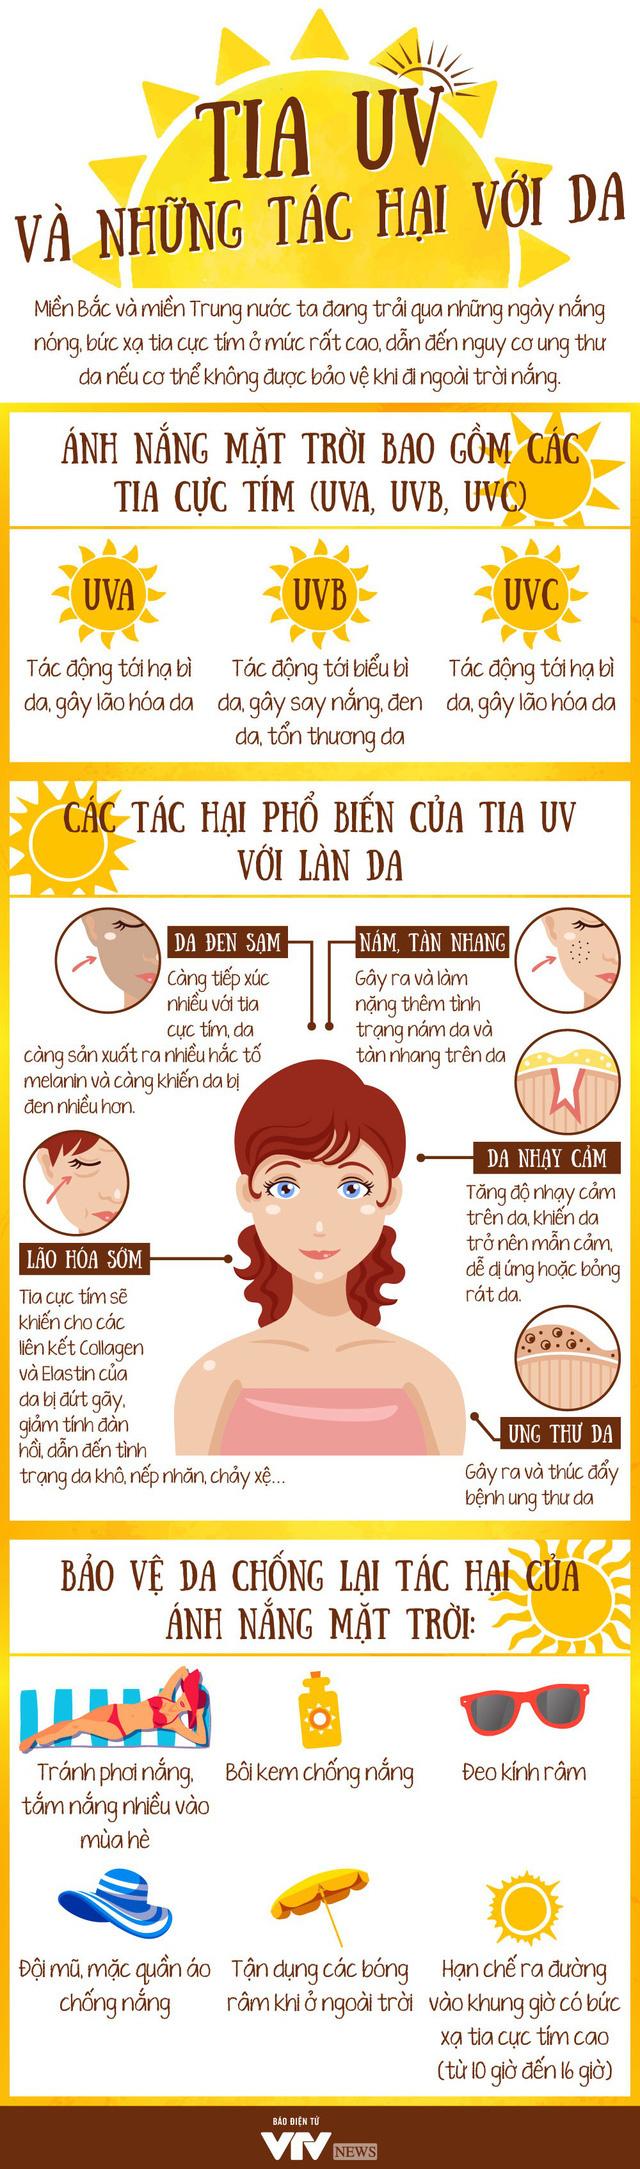 Chỉ số tia UV ở Hà Nội ngày 21/5 cao ngất ngưởng: Da bạn bị ảnh hưởng như thế nào? - Ảnh 1.